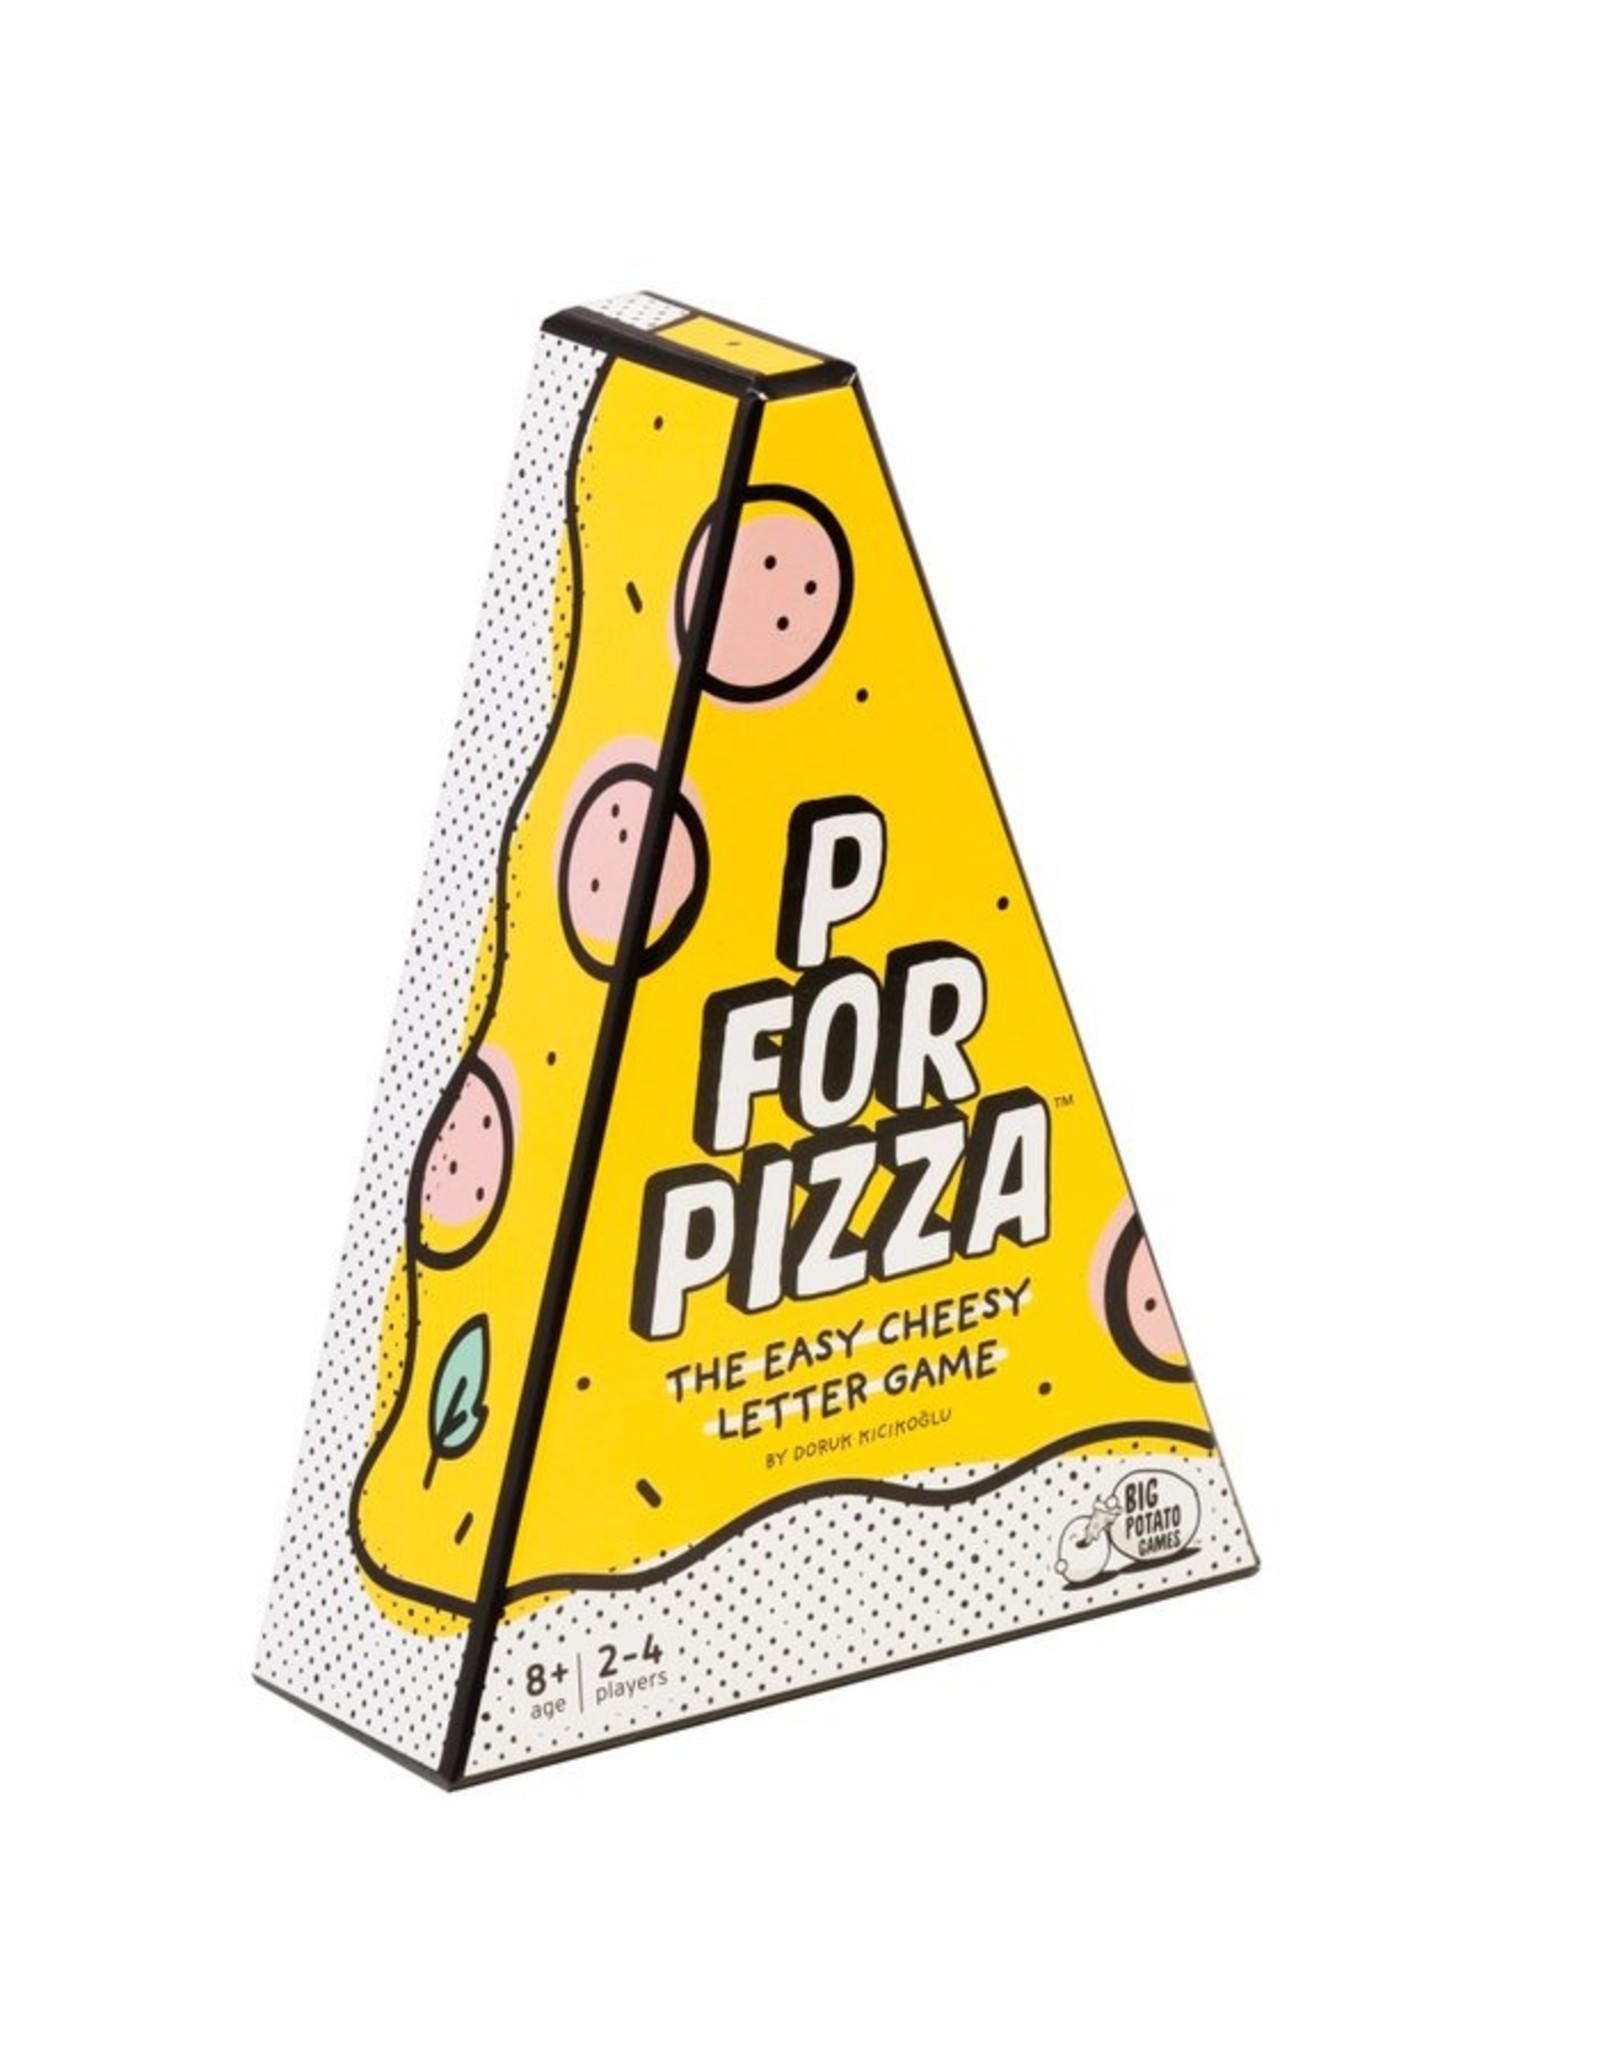 BIG POTATO GAMES P for Pizza